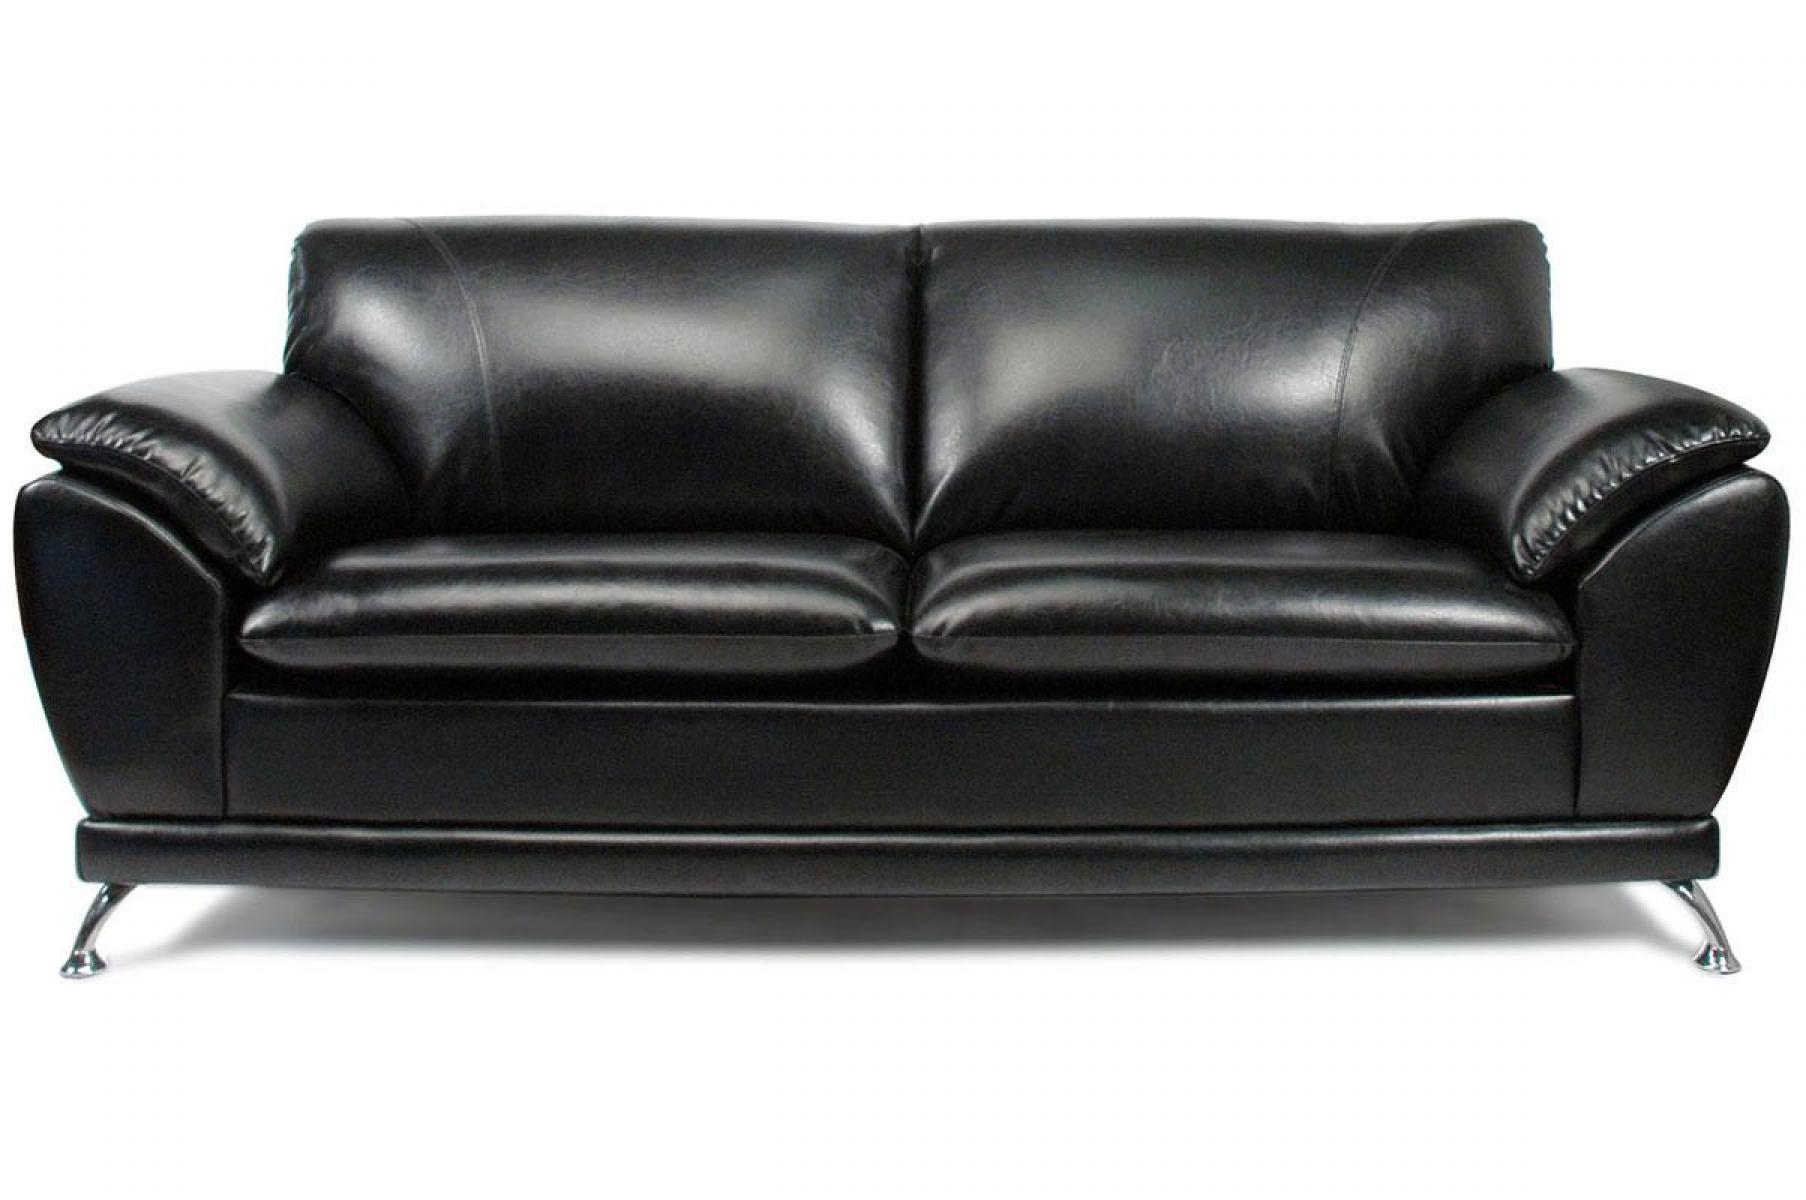 Canape en cuir noir maison design for Canape cuir noir design